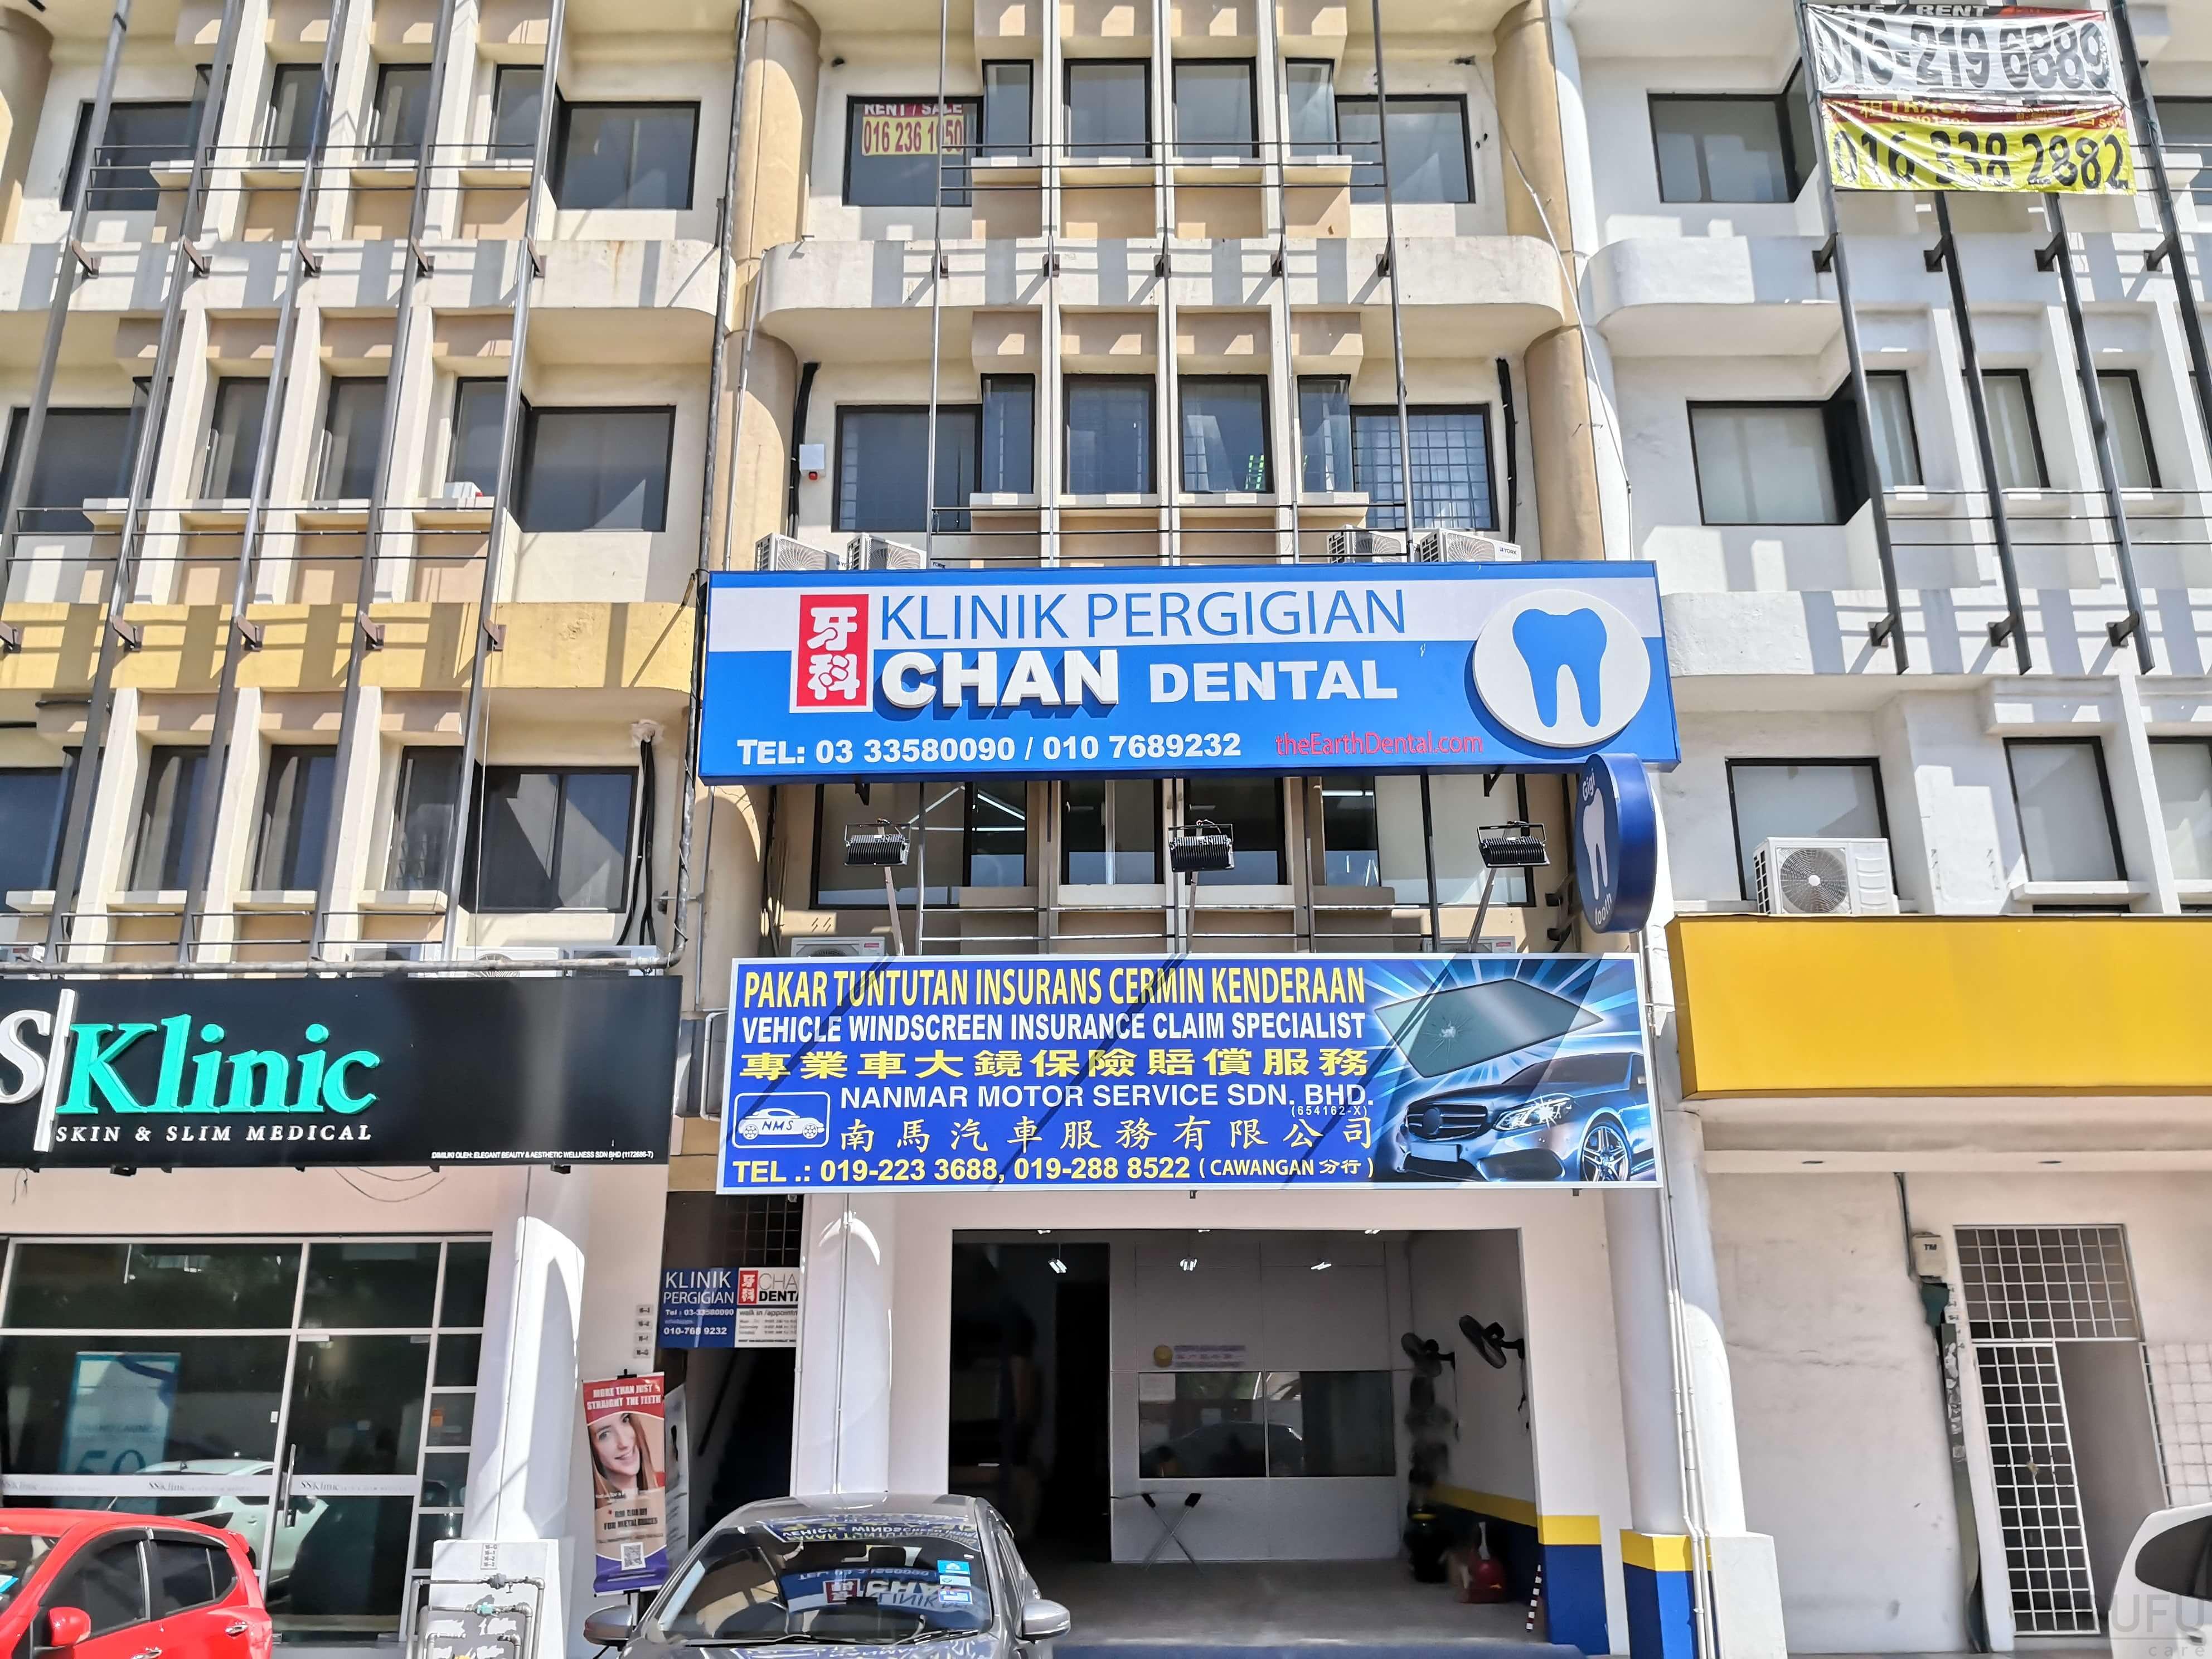 48 Klinik Pergigian Terbaik Selangor Harga Ulasan